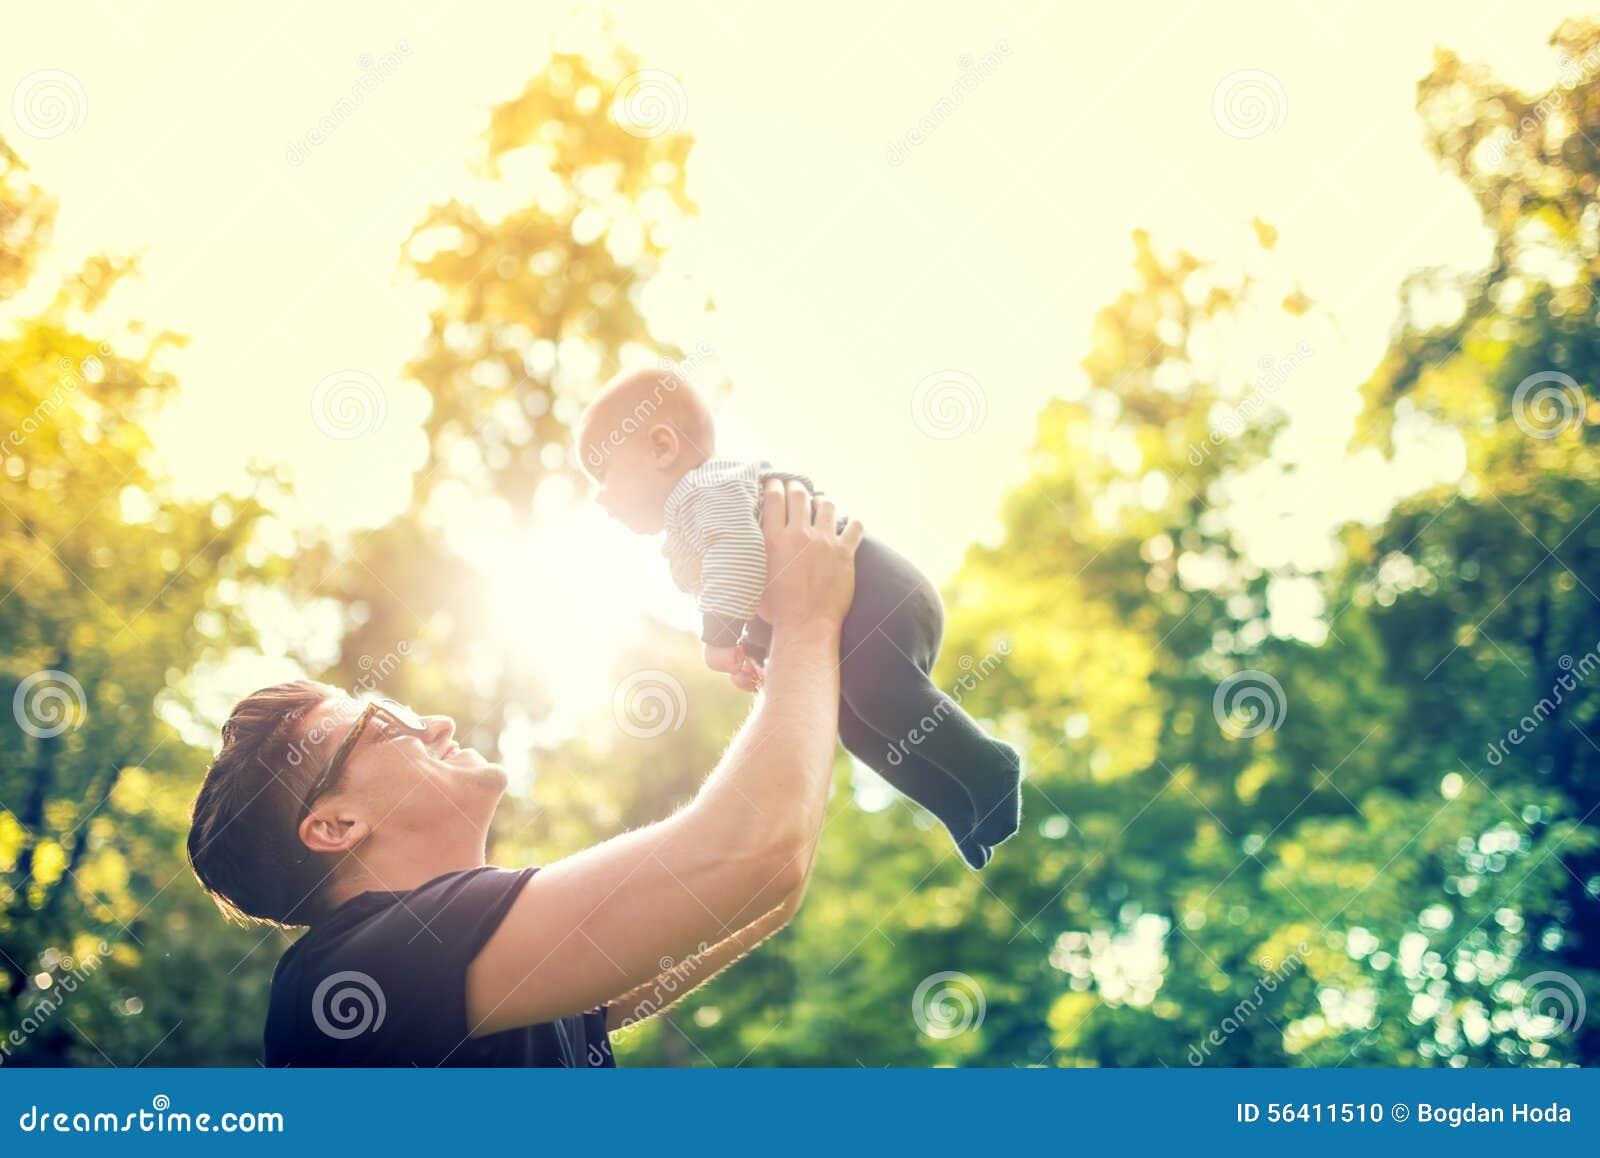 Generi il bambino della tenuta in armi, gettanti il bambino in aria concetto della famiglia felice, effetto d annata contro luce